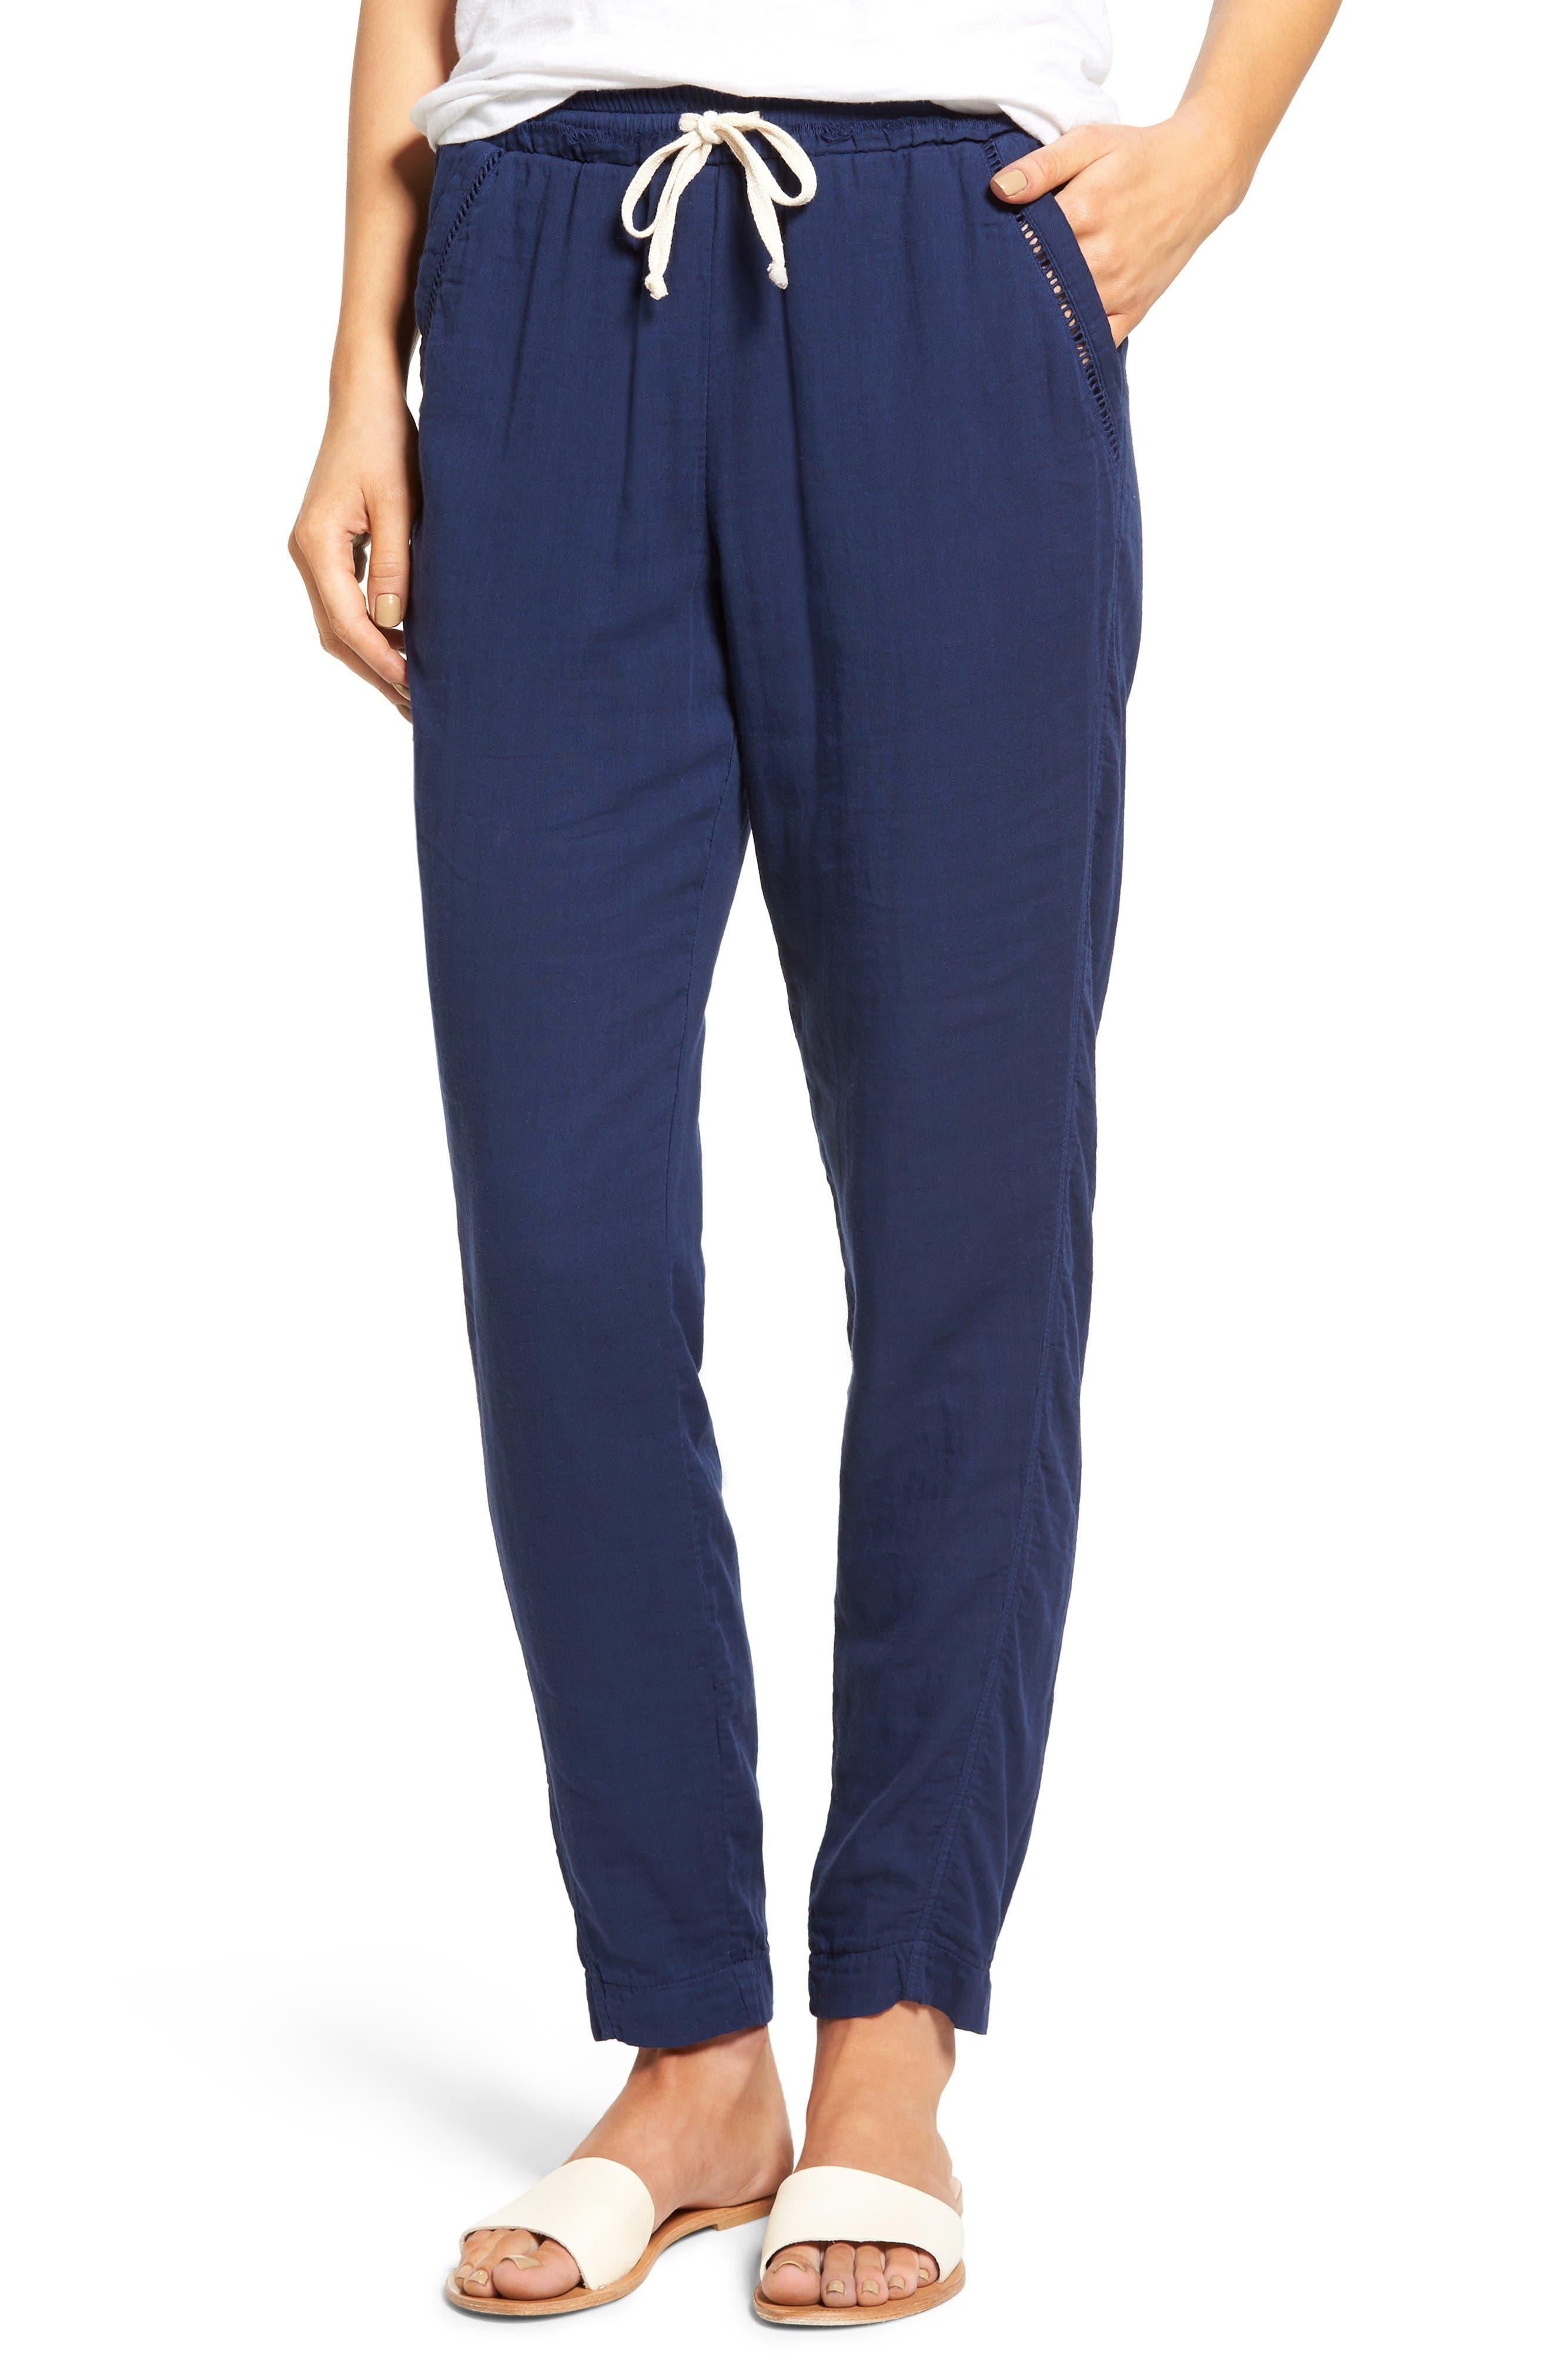 Splendid Double Cloth Cotton Pants